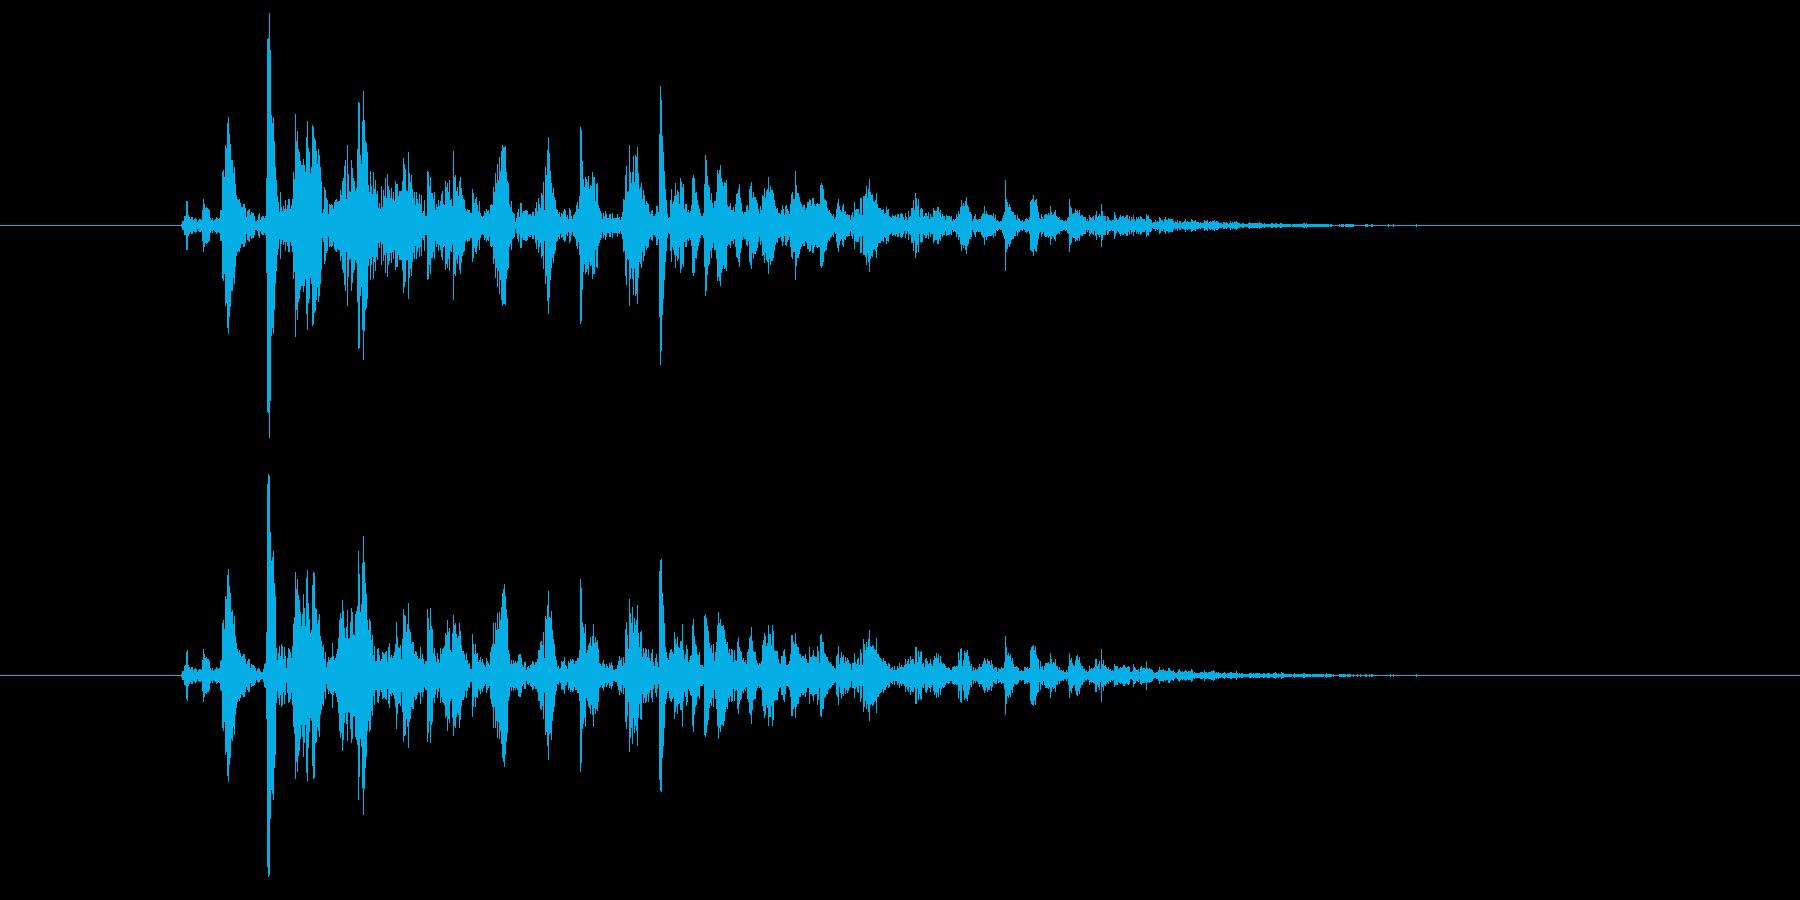 ブクブク(泡のような音) B01の再生済みの波形